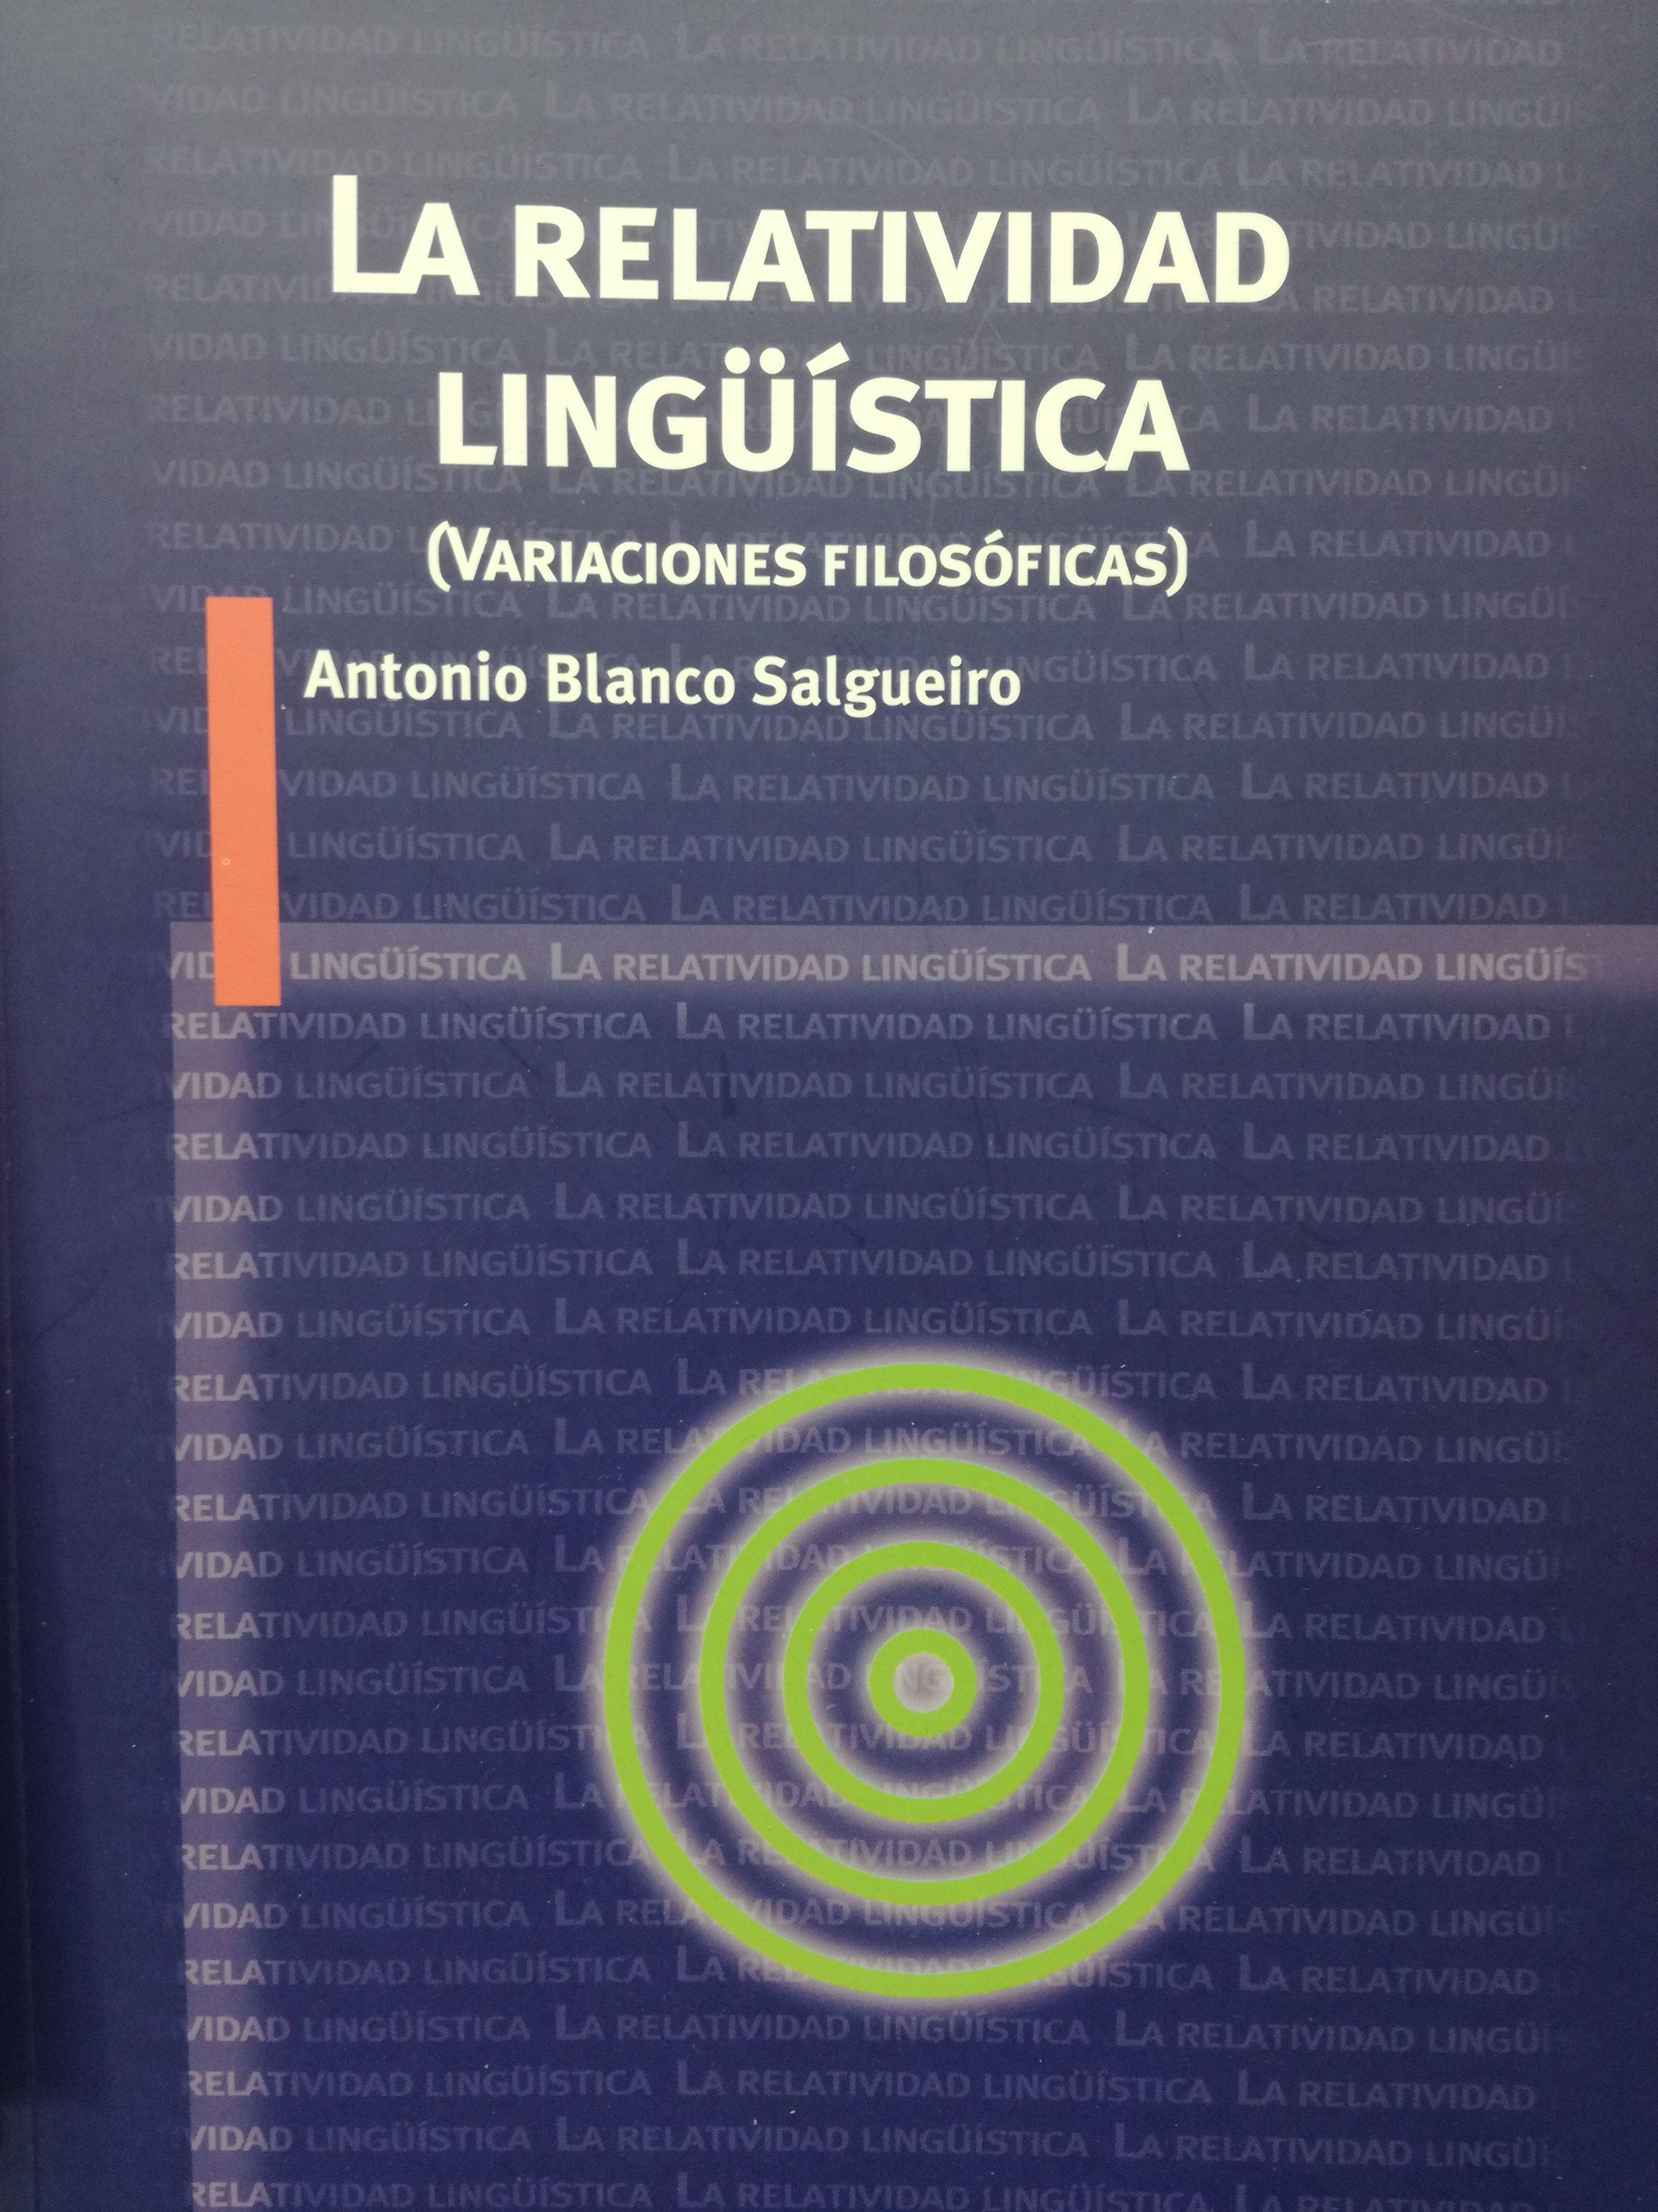 La relatividad Lingüistica: SECCIONES de Librería Nueva Plaza Universitaria